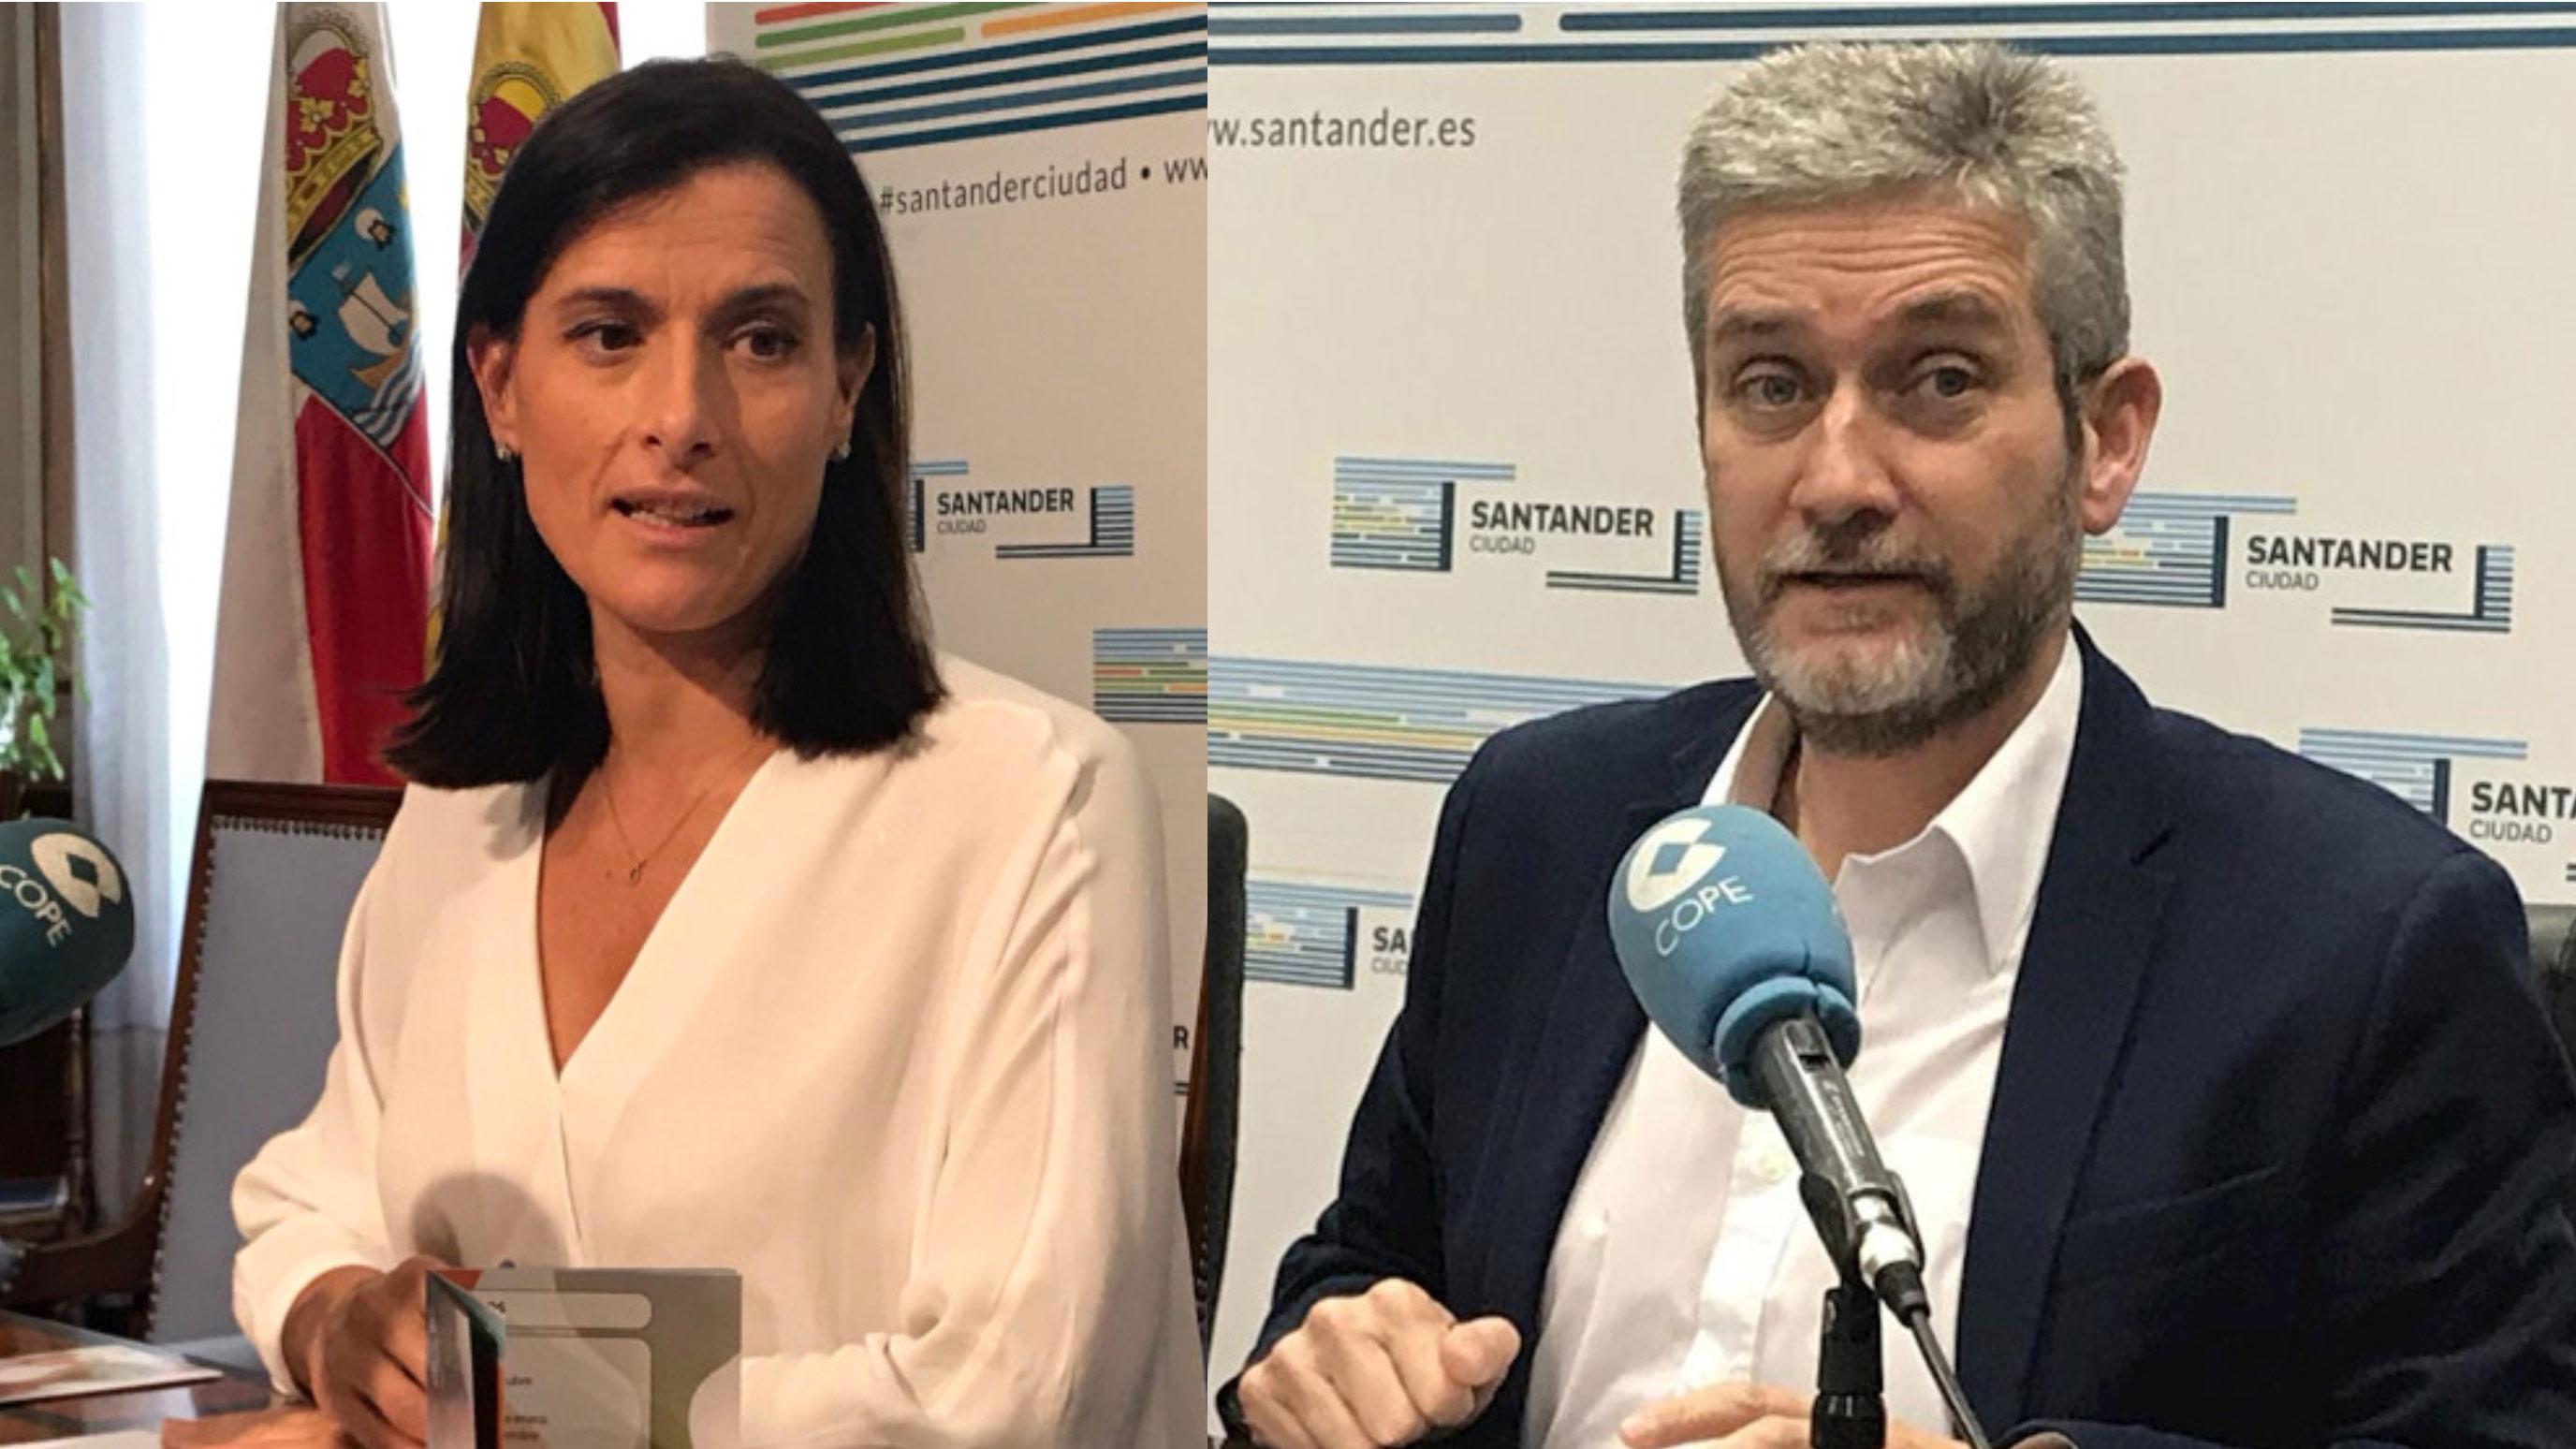 El pacto entre PP y Cs en Santander se resiente tras los 'terremotos' de Madrid y Murcia